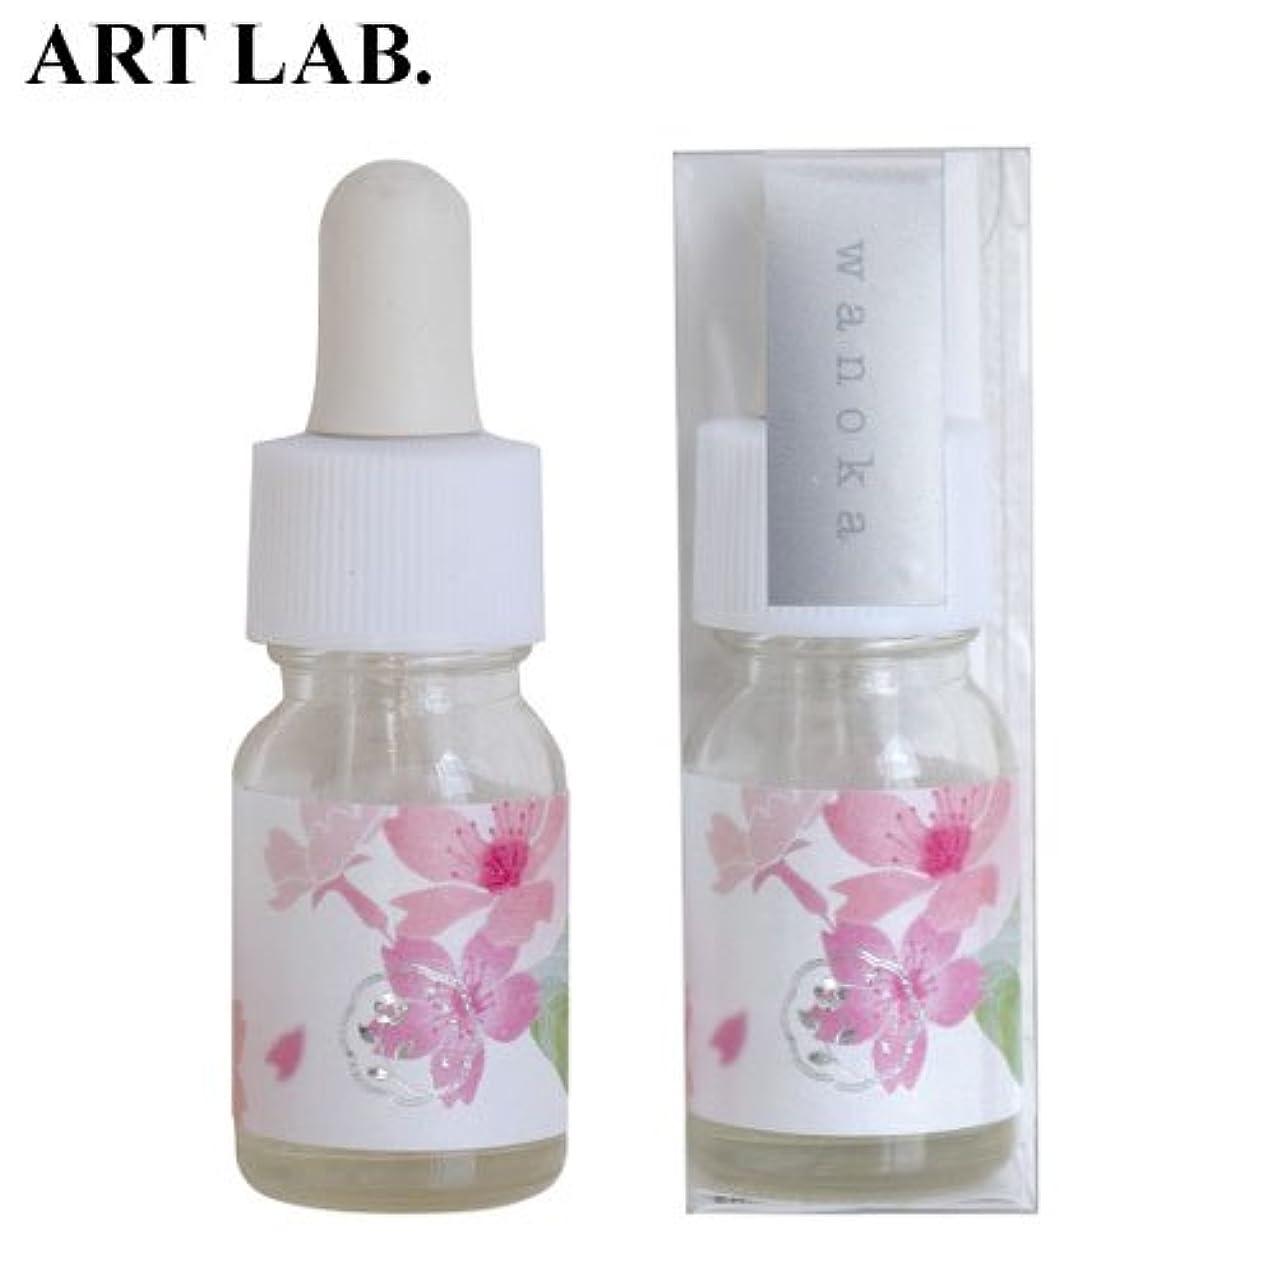 アイザック晩ごはんやめるwanoka香油アロマオイル桜《桜をイメージした甘い香り》ART LABAromatic oil